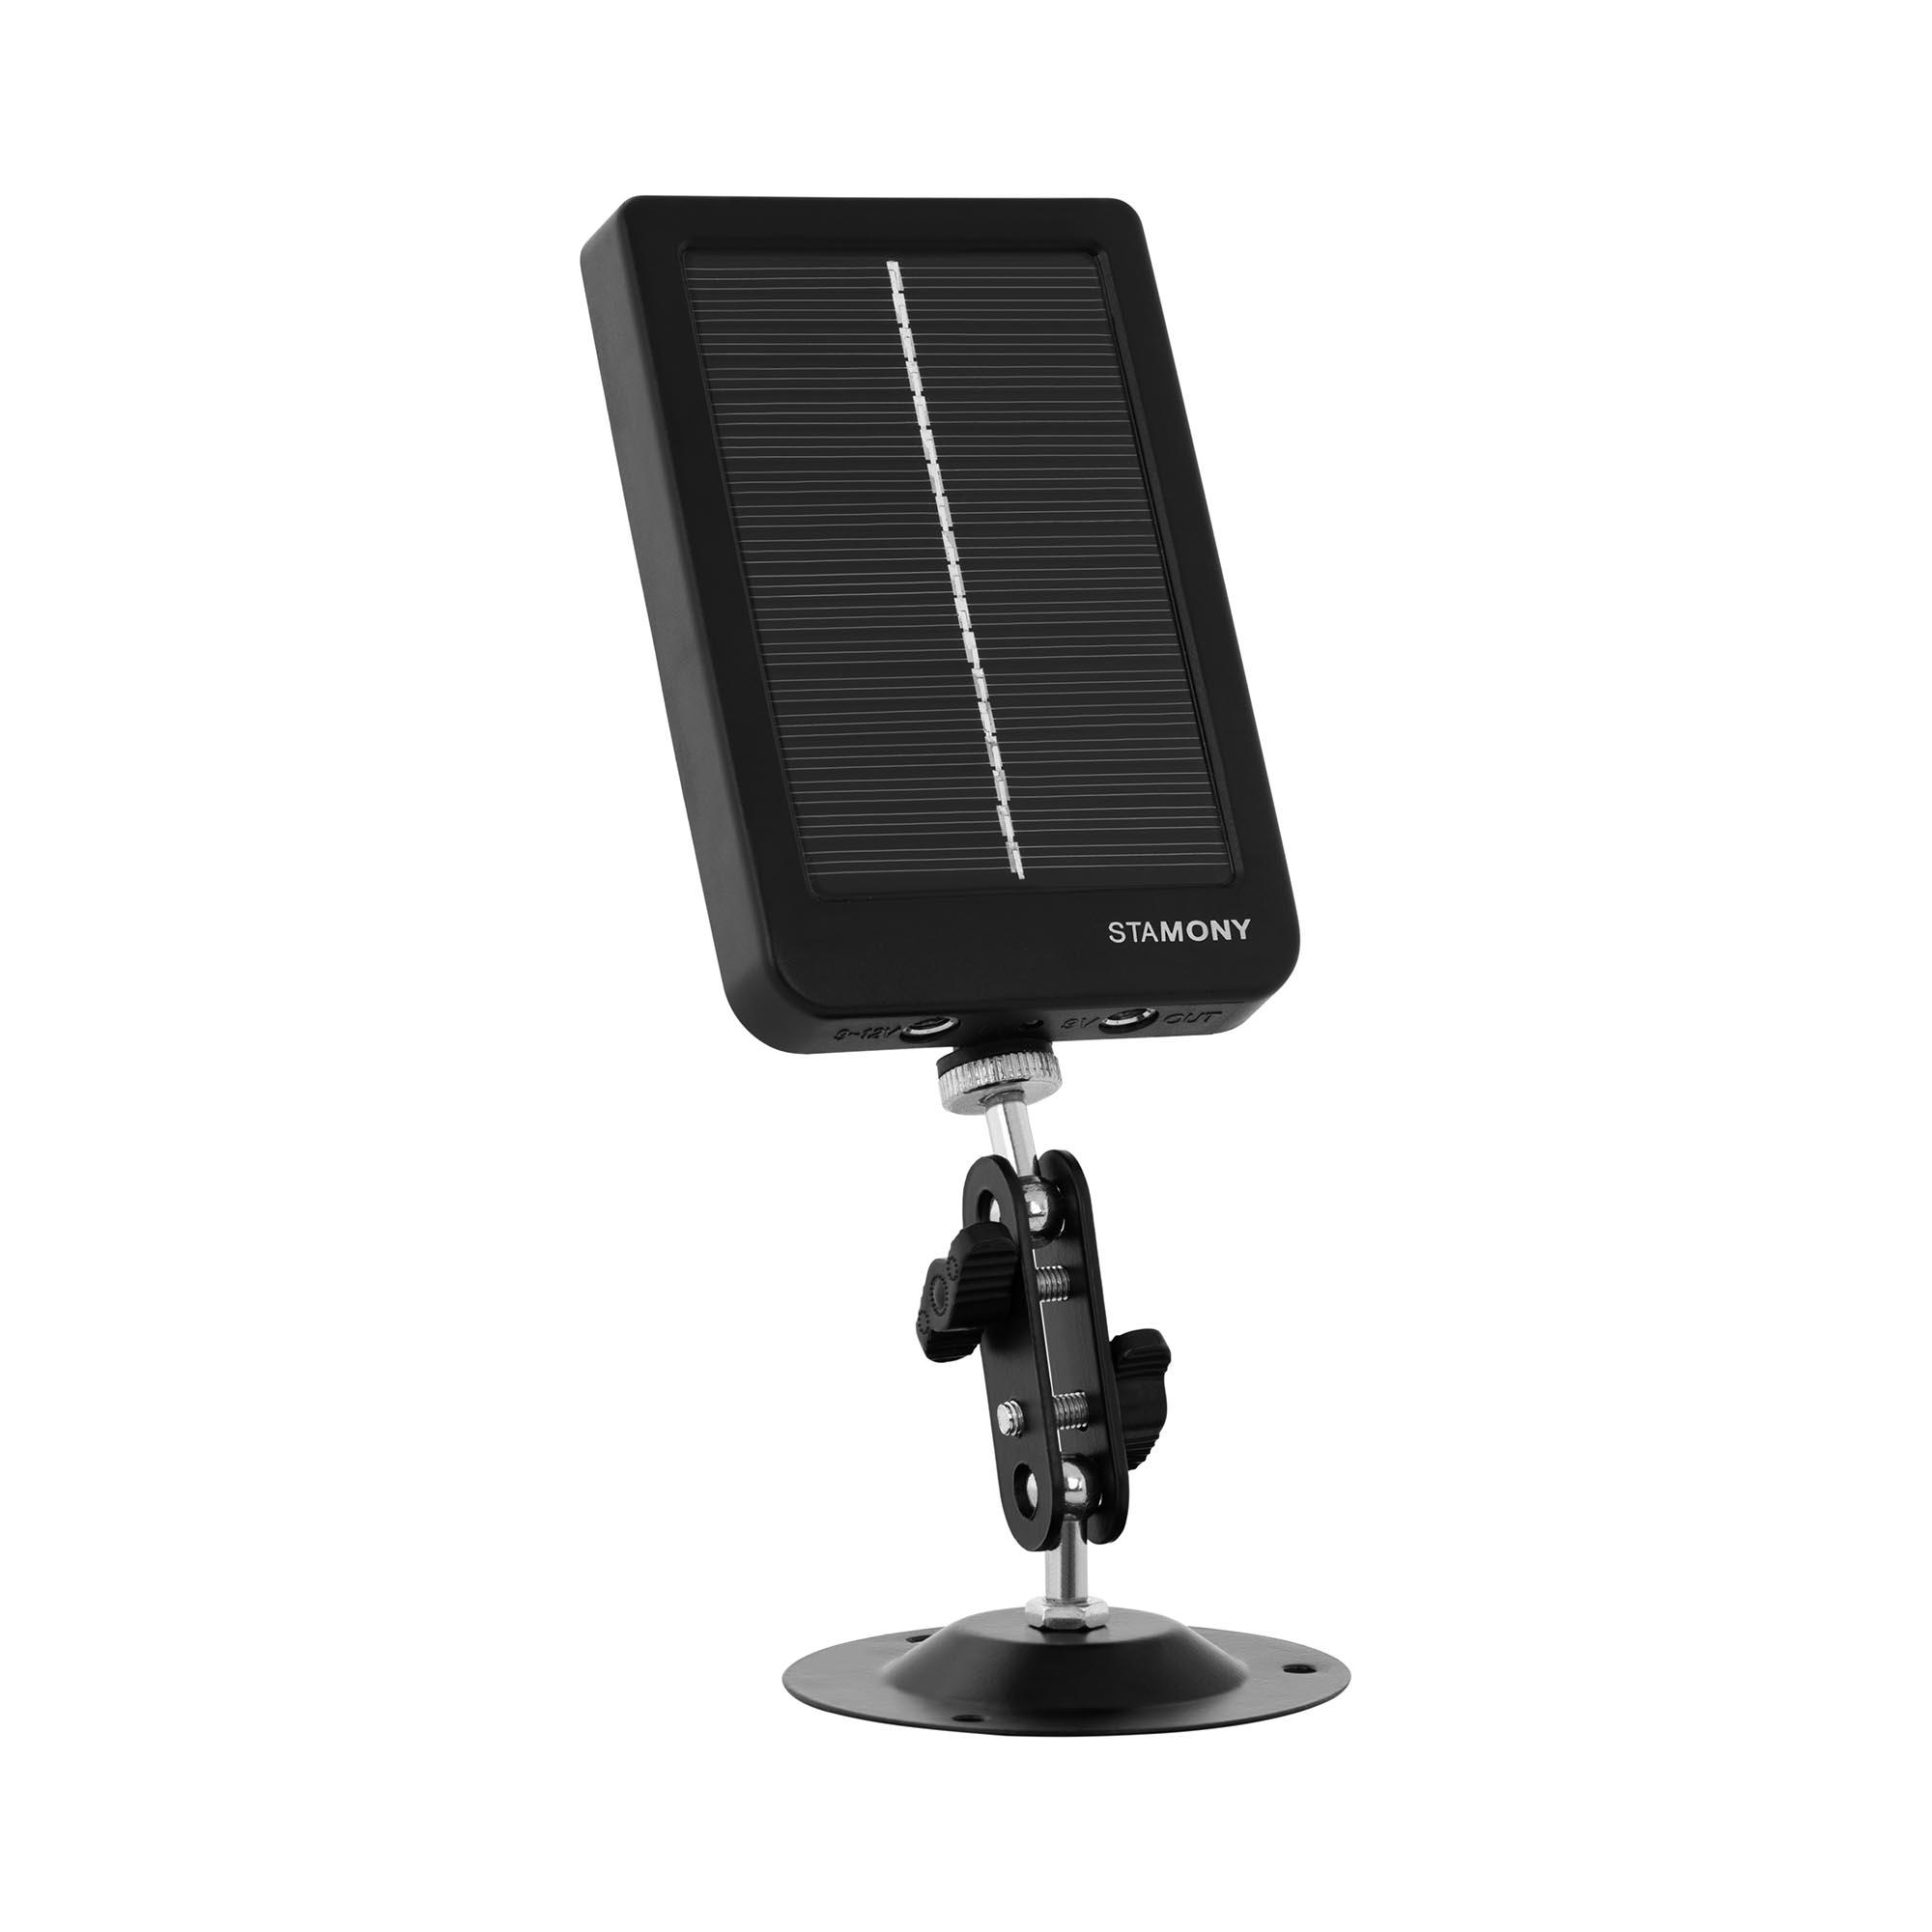 Stamony Solarpanel Wildkamera - 7 V - inkl. Zubehör ST-SP-3000